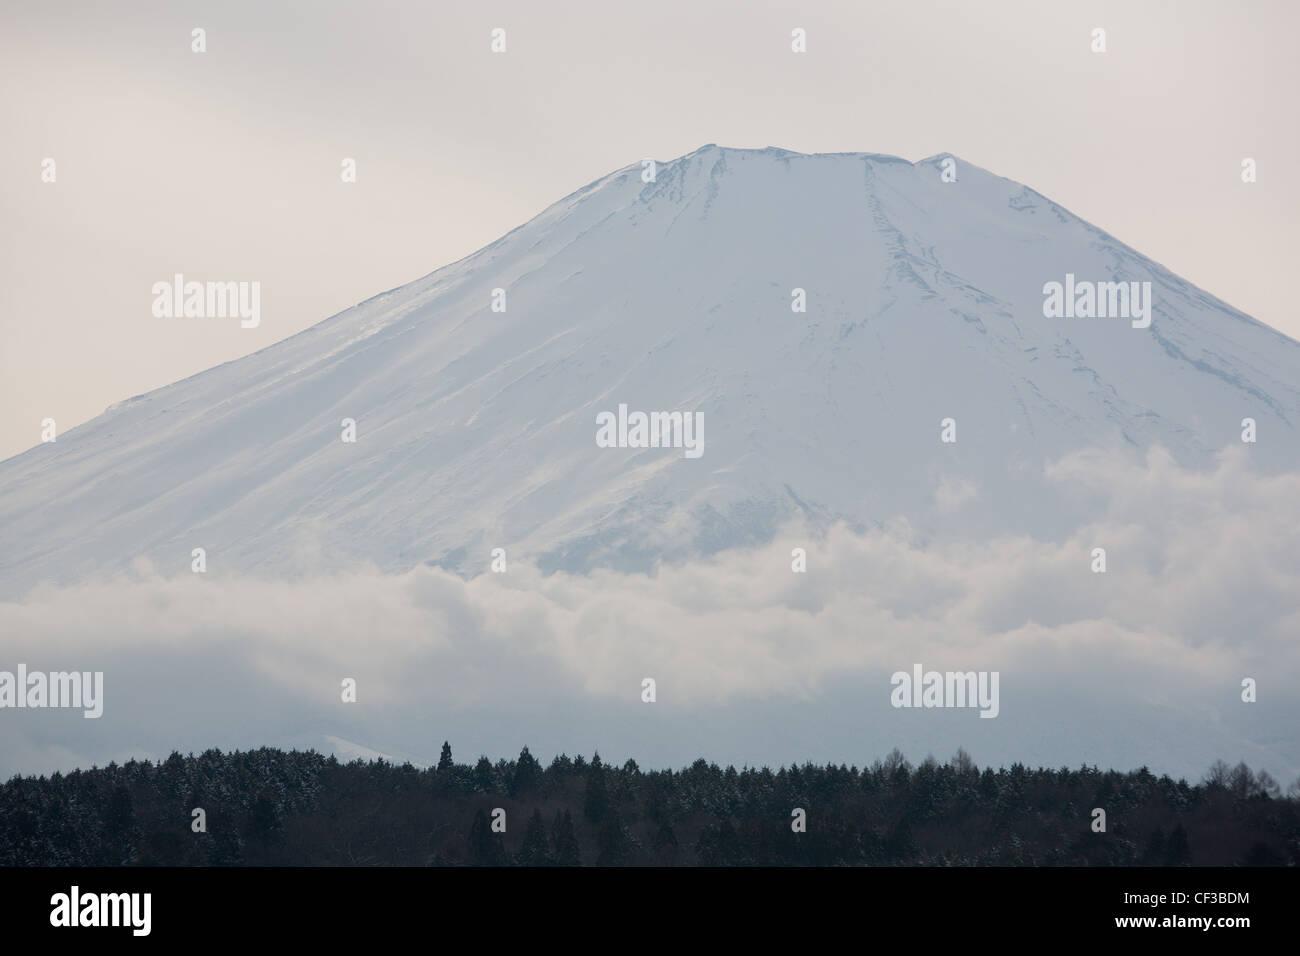 El monte Fuji, visto desde el lago Yamanaka, en Japón, el martes 28 de febrero de 2012. Foto de stock